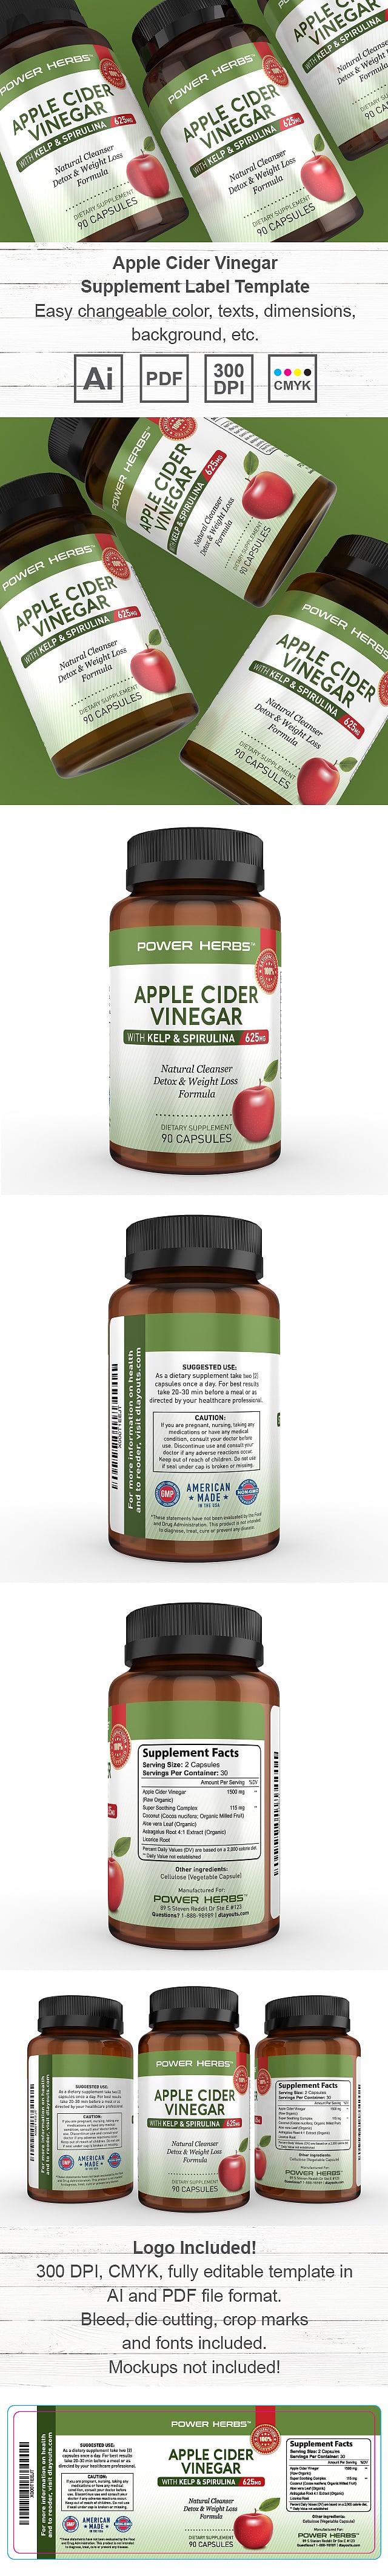 Apple Cider Vinegar Supplement Label Template